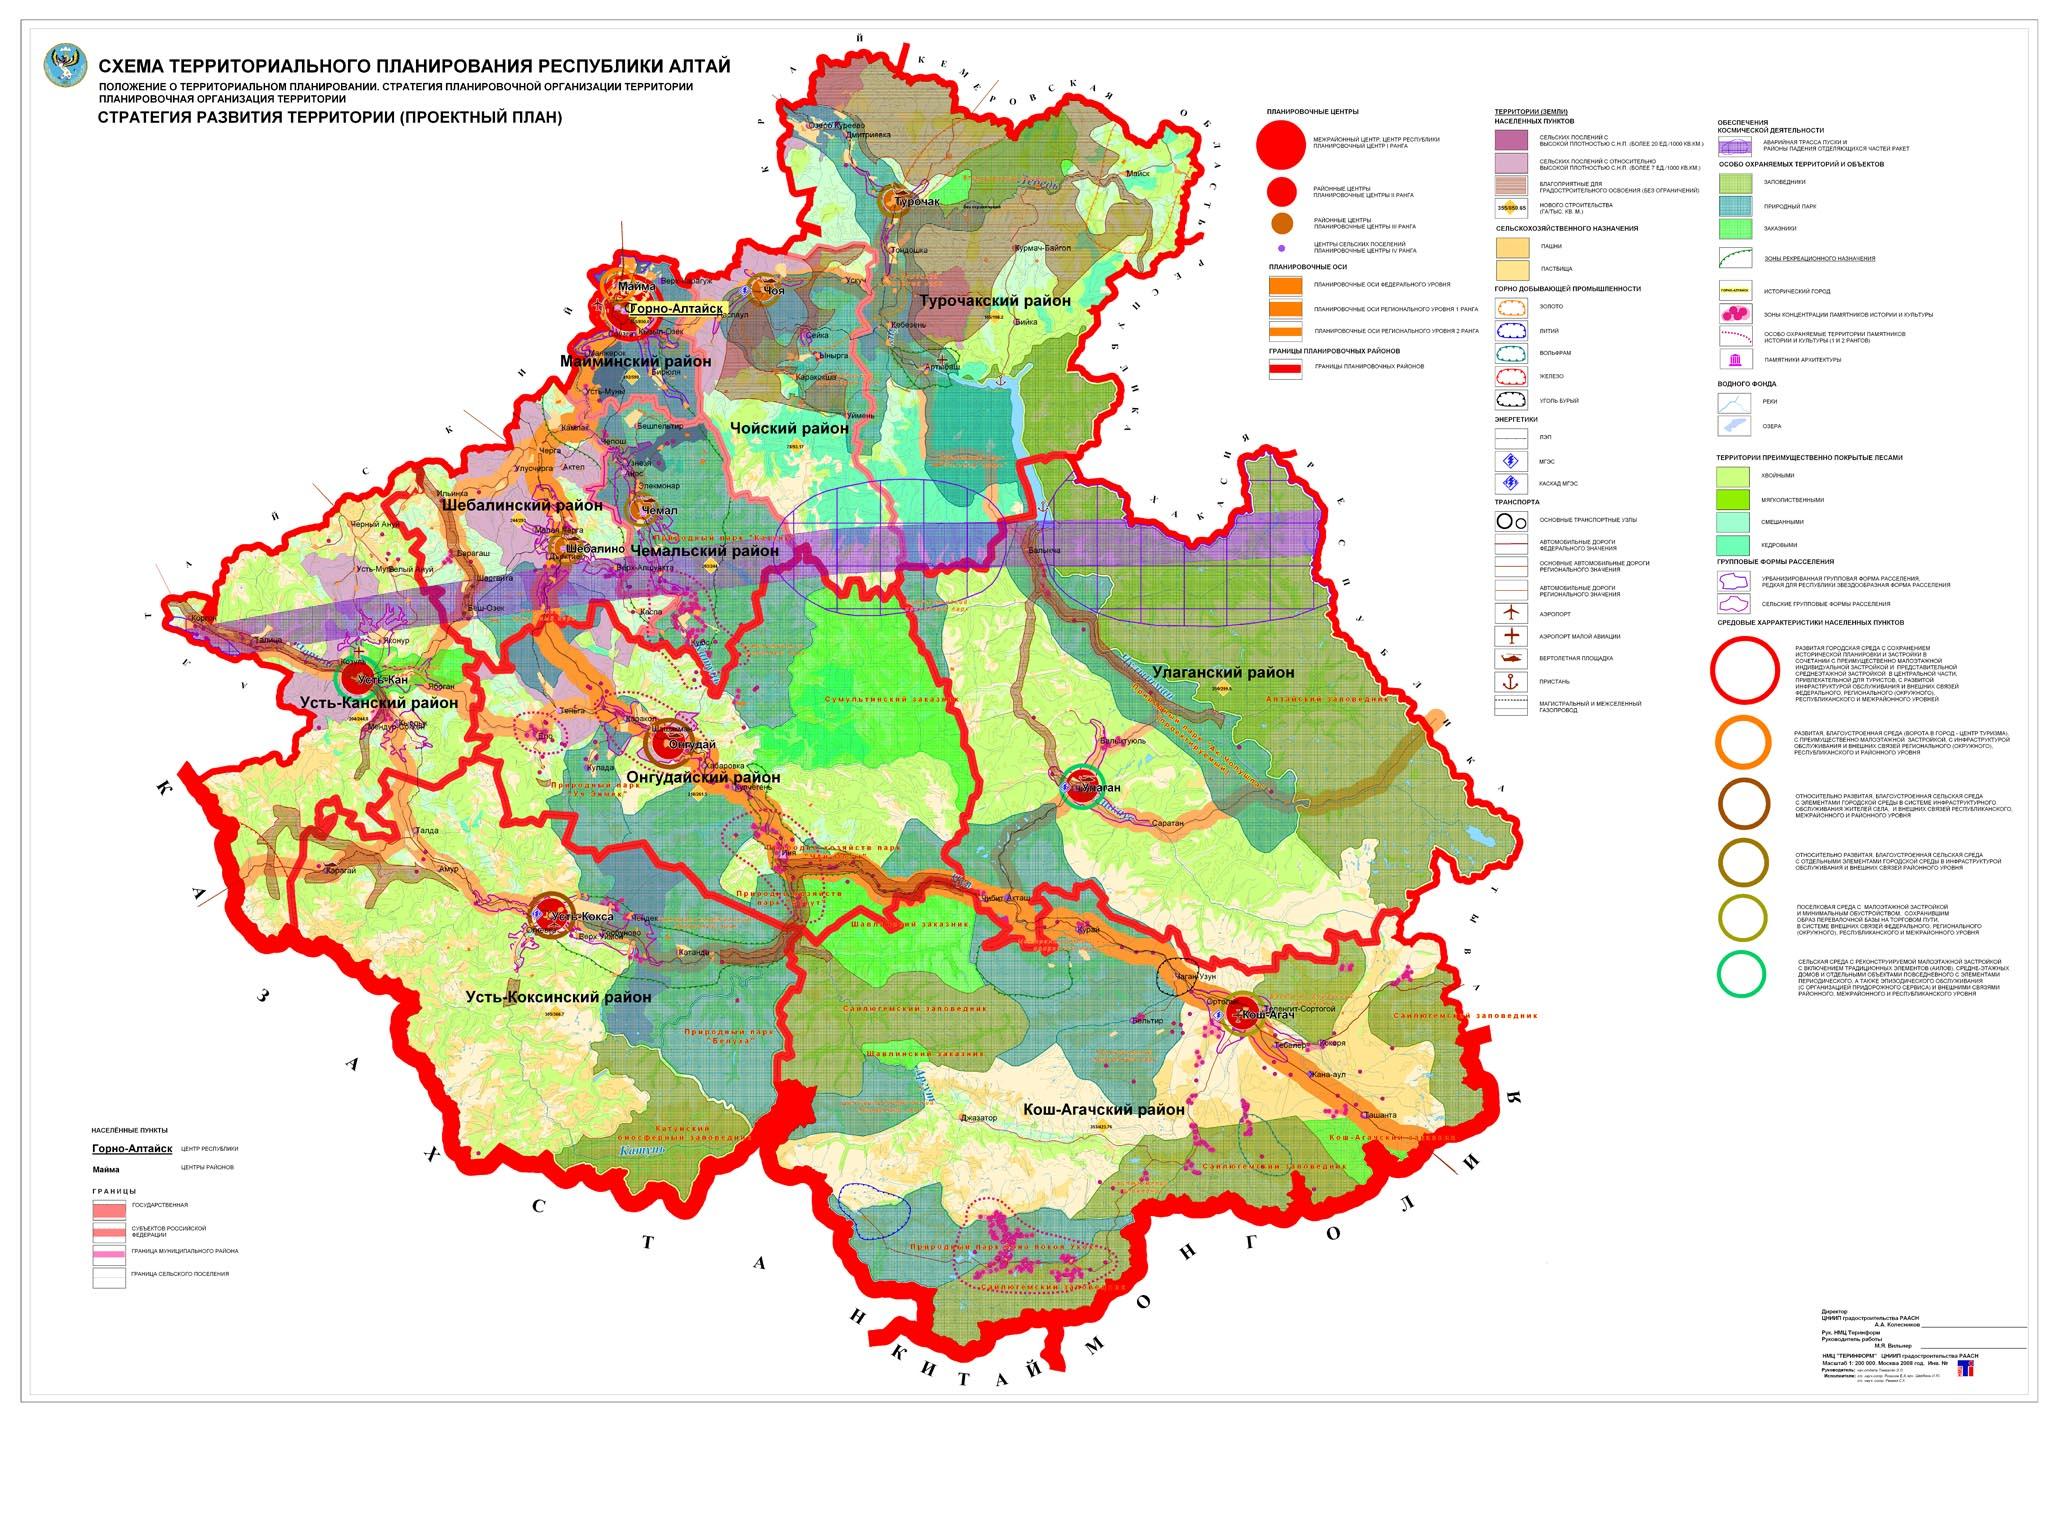 Проект схемы территориального планирования энергетики